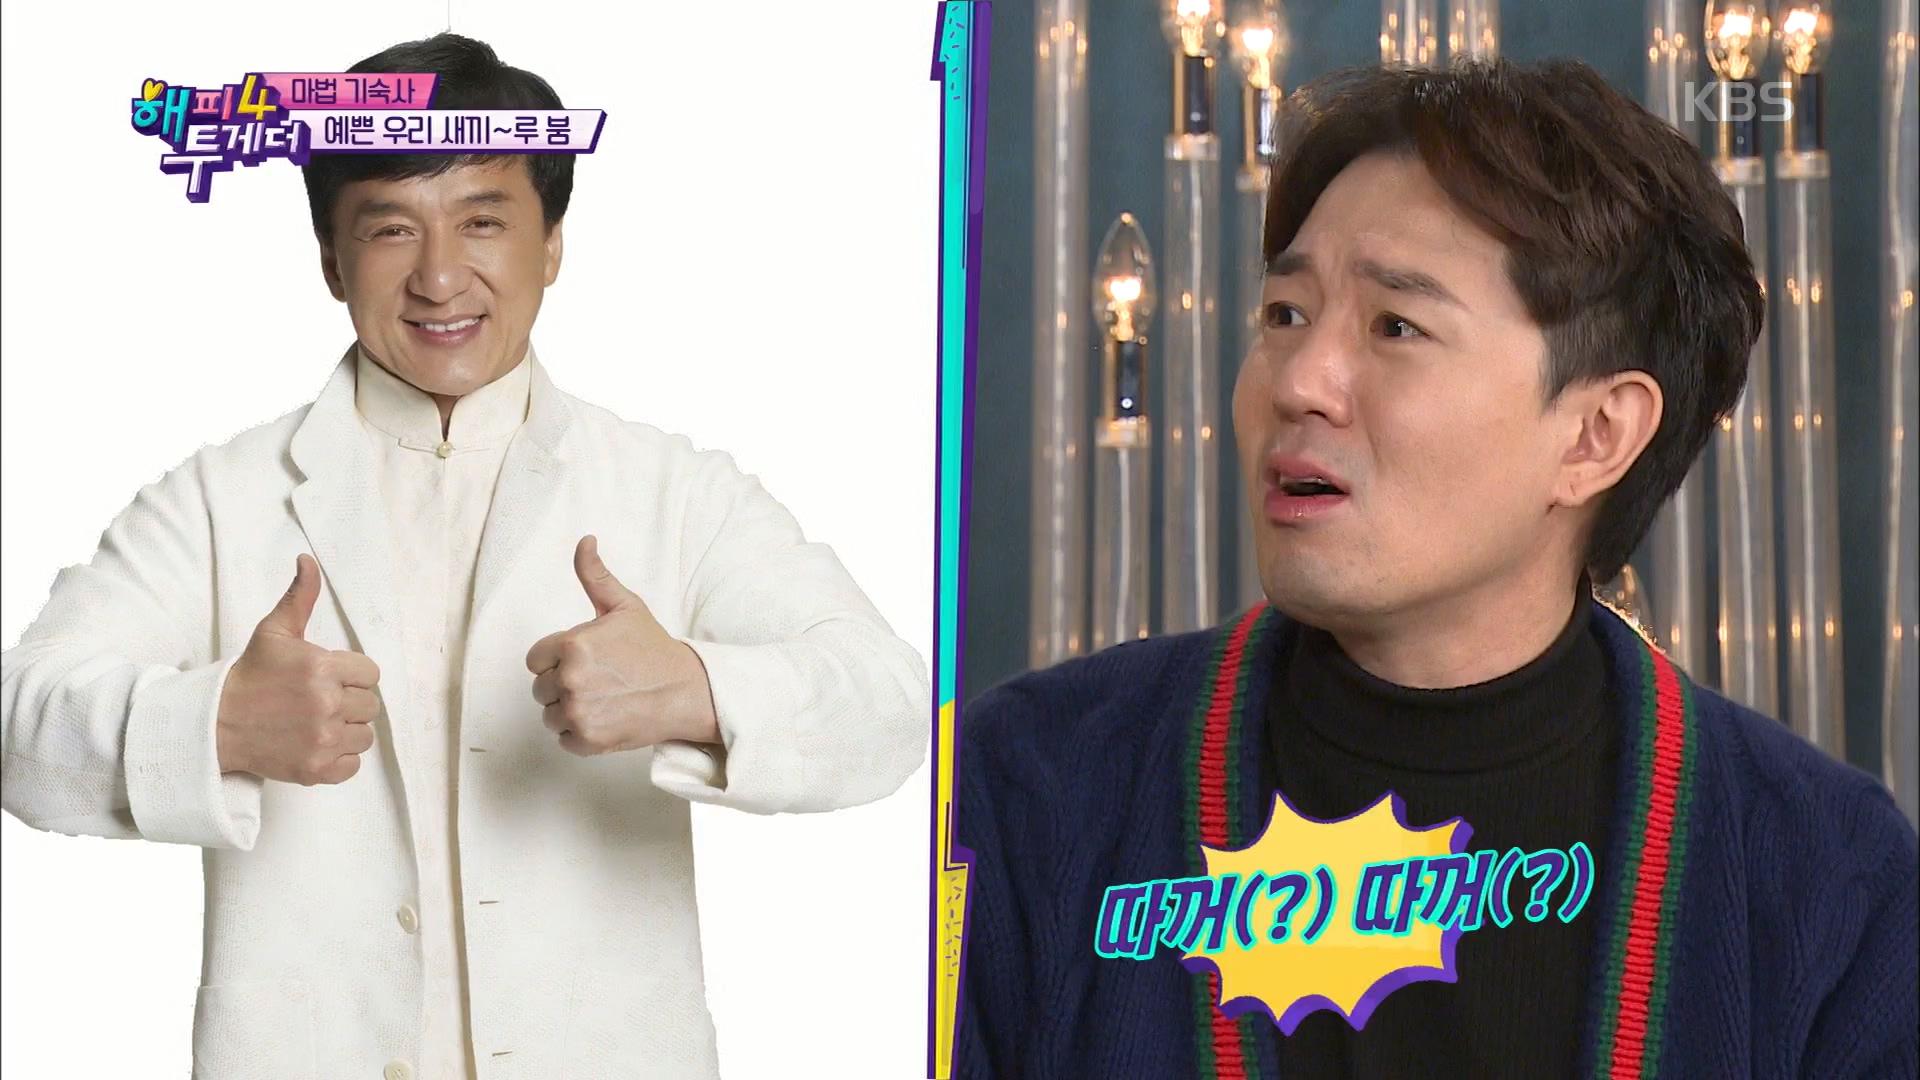 붐, 방송반 학생과 성룡 김희선 인터뷰 일화?